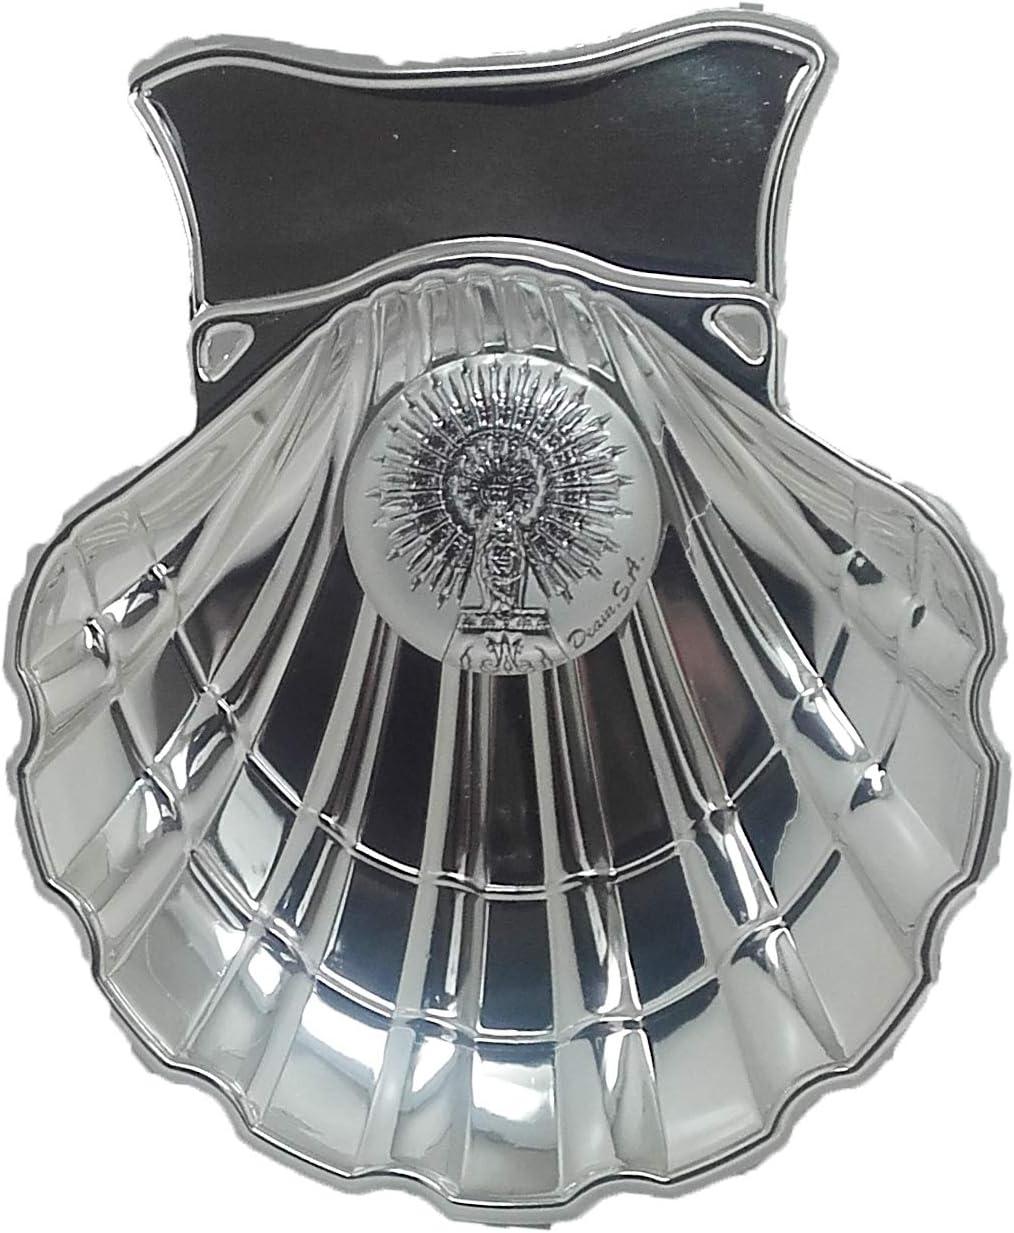 Concha Bautismal de la Virgen del Pilar en metal plateado, incluida su personalización con nombre y fecha